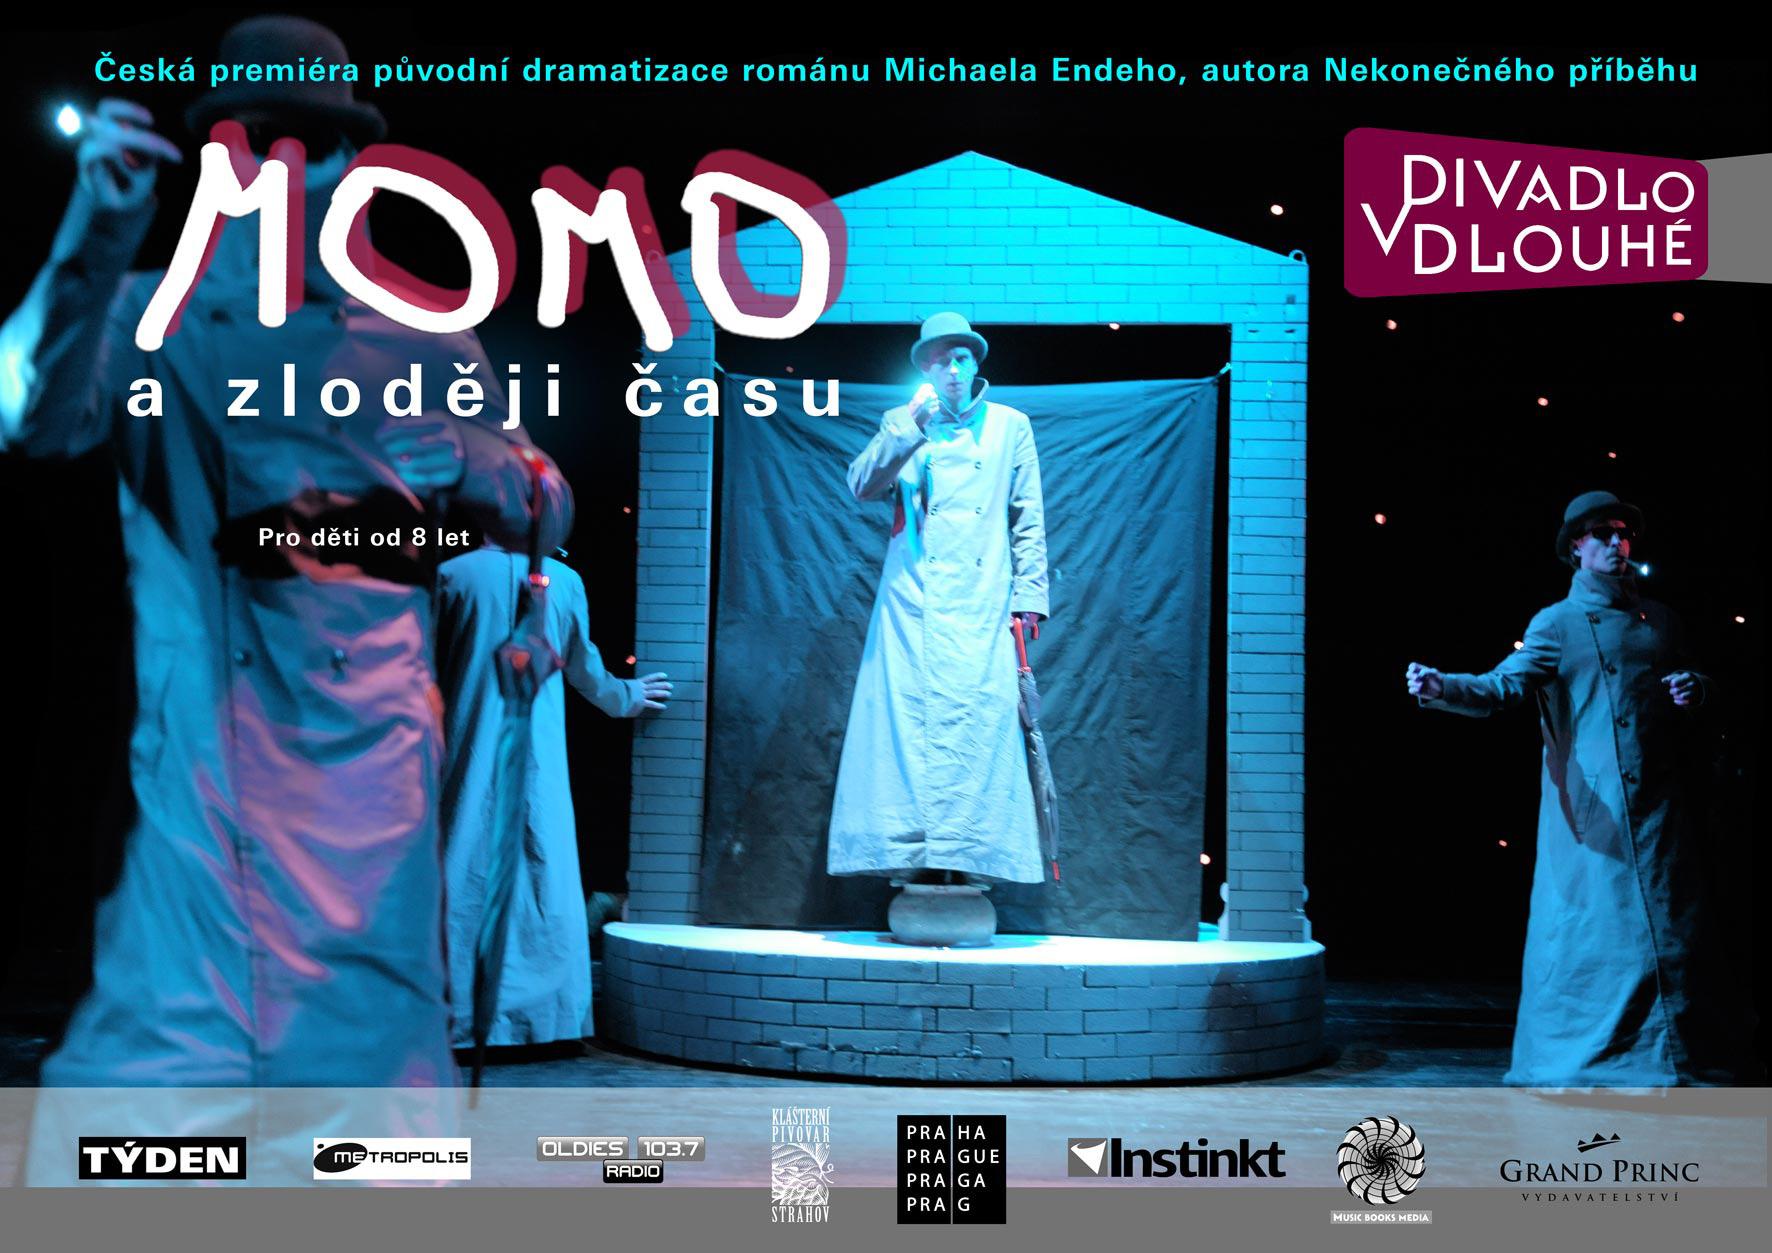 Divadelní plakát